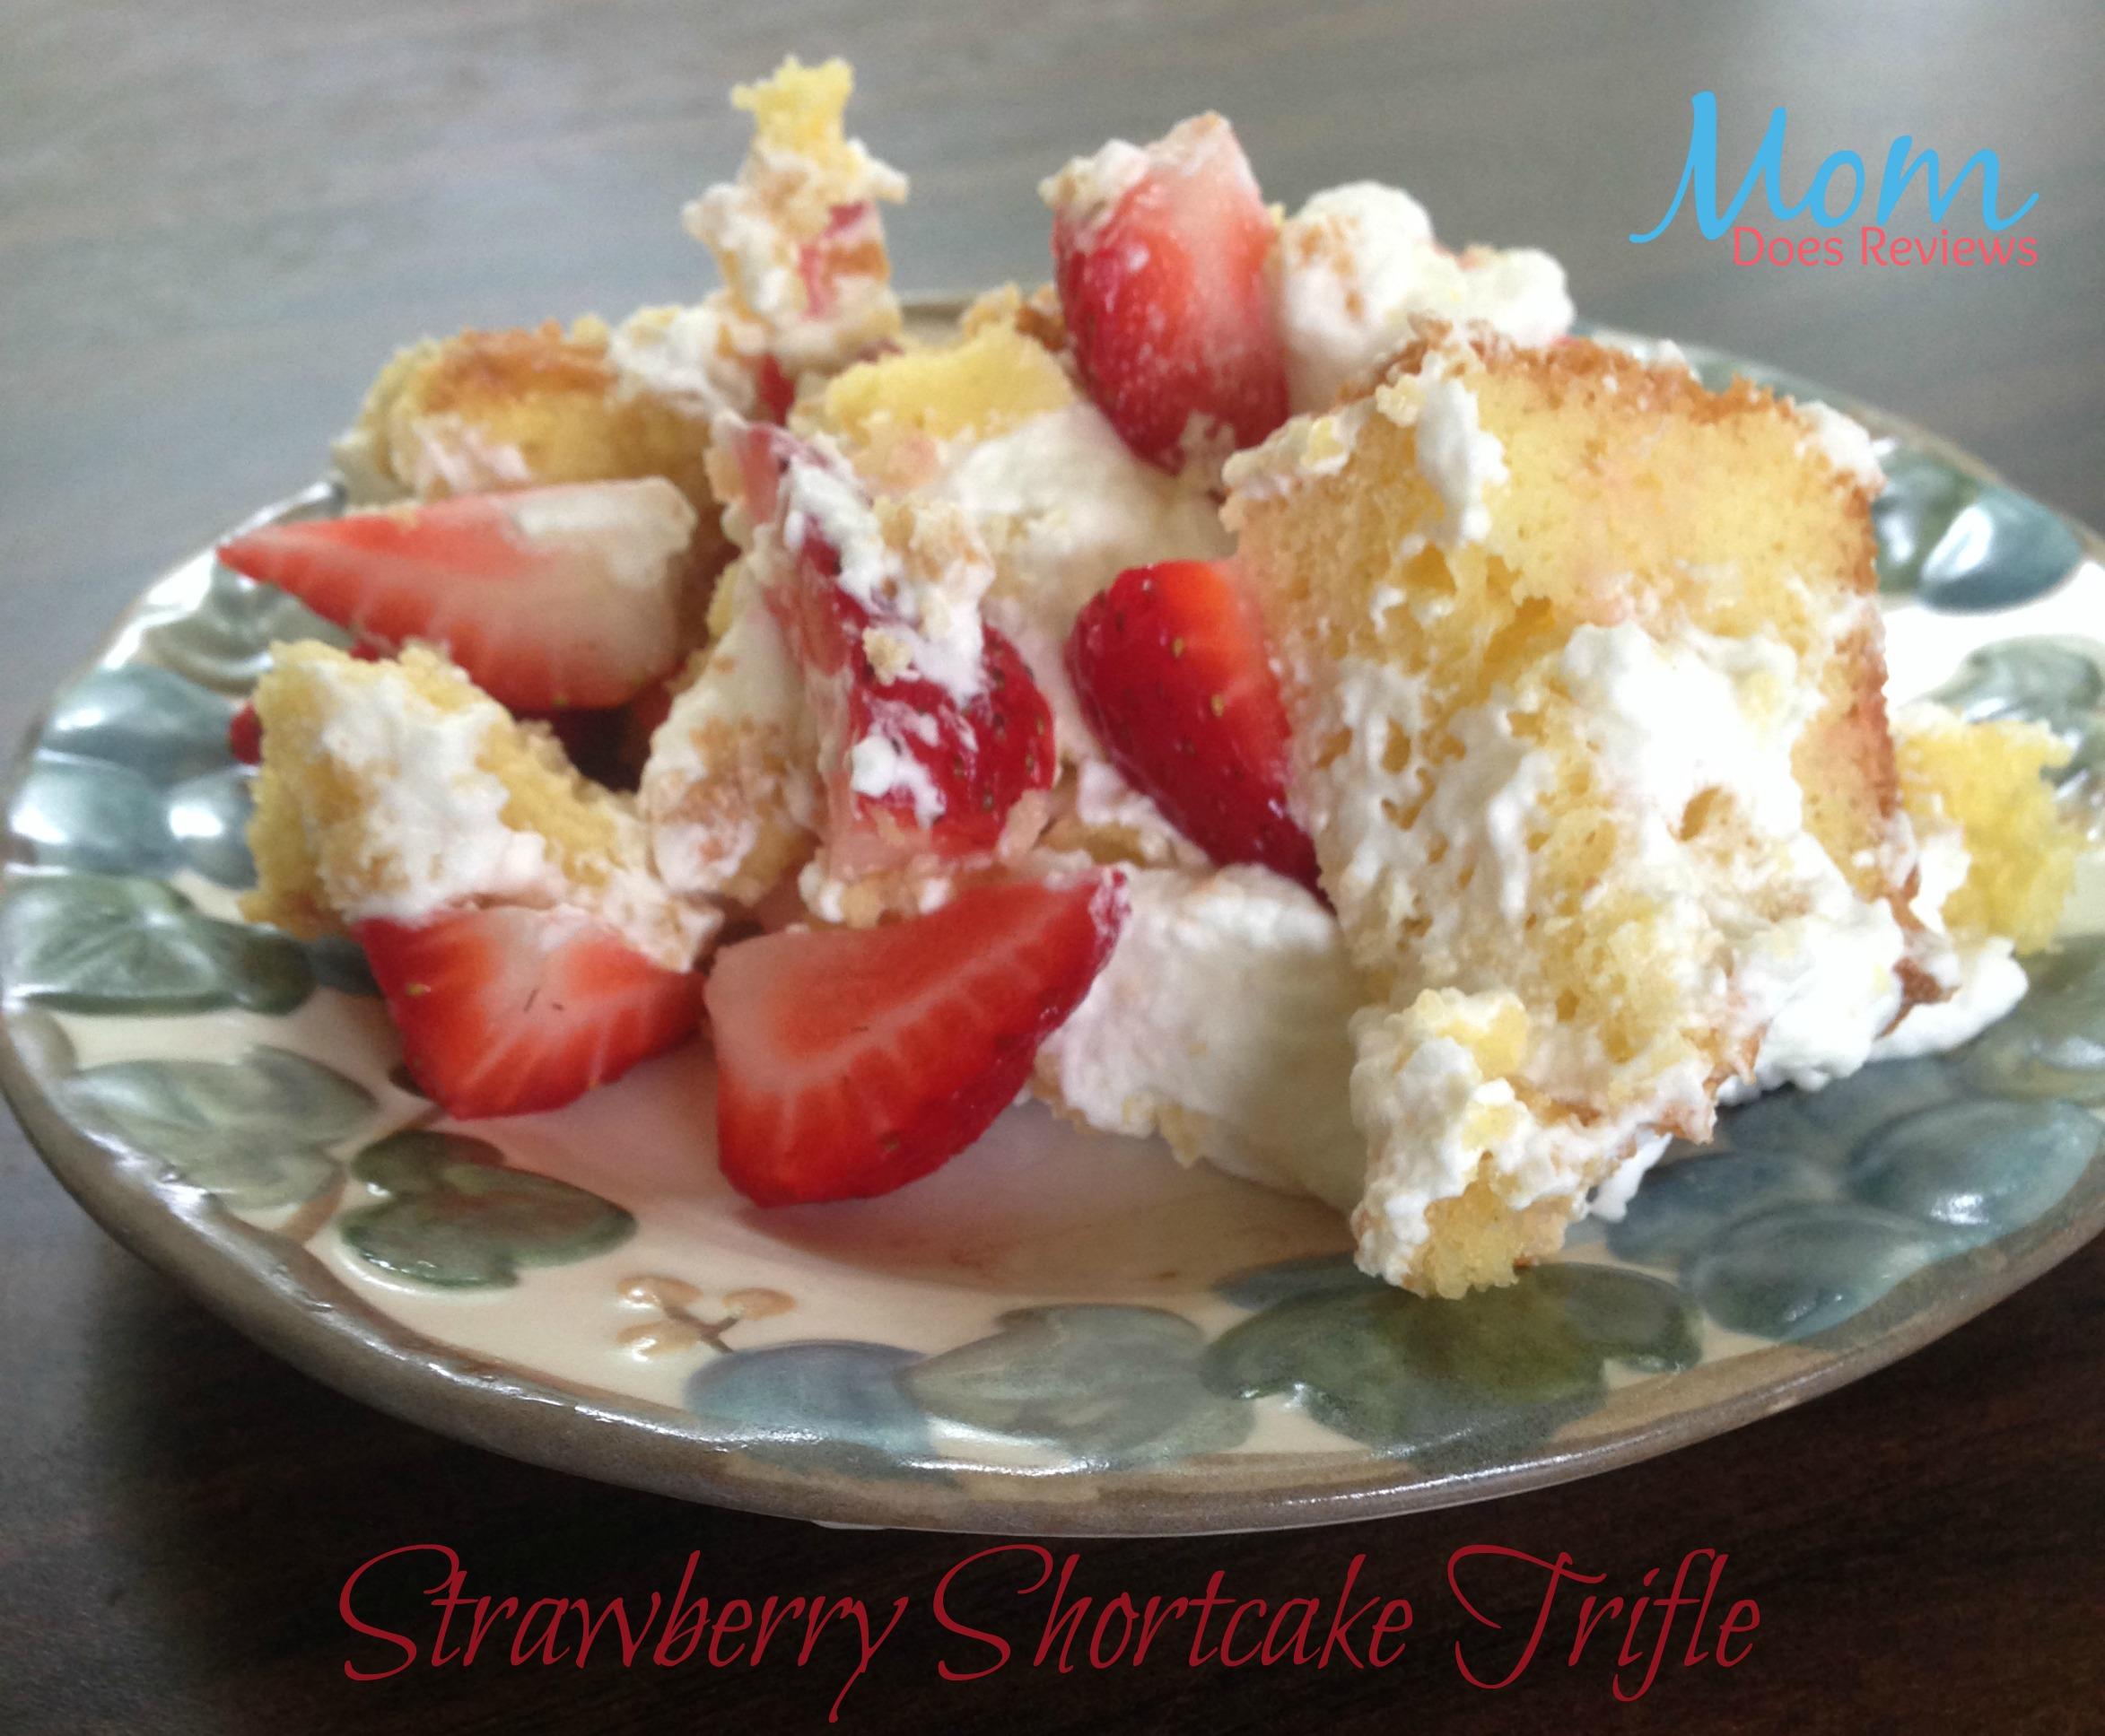 Strawberryshortcaketrifle